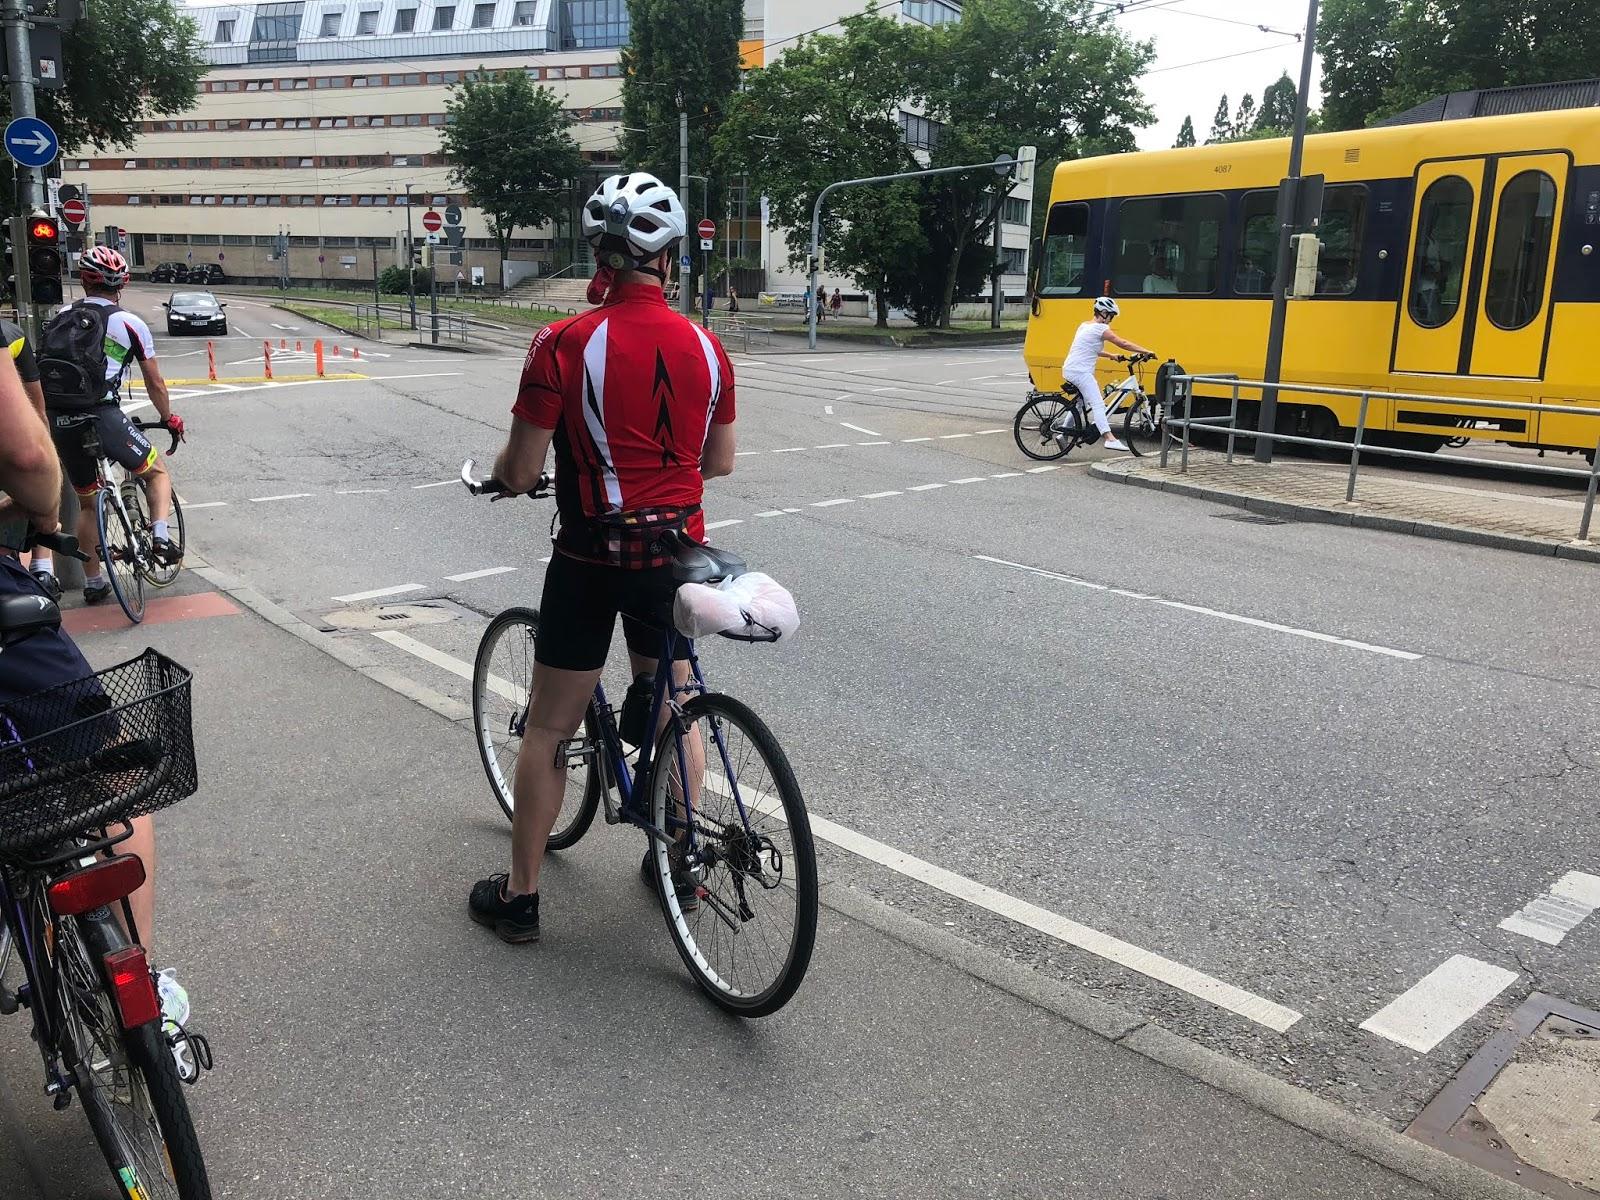 Verkehrsampel Fußgänger Einen Effekt In Richtung Klare Sicht Erzeugen Agrar, Forst & Kommune Arbeitskleidung & -schutz